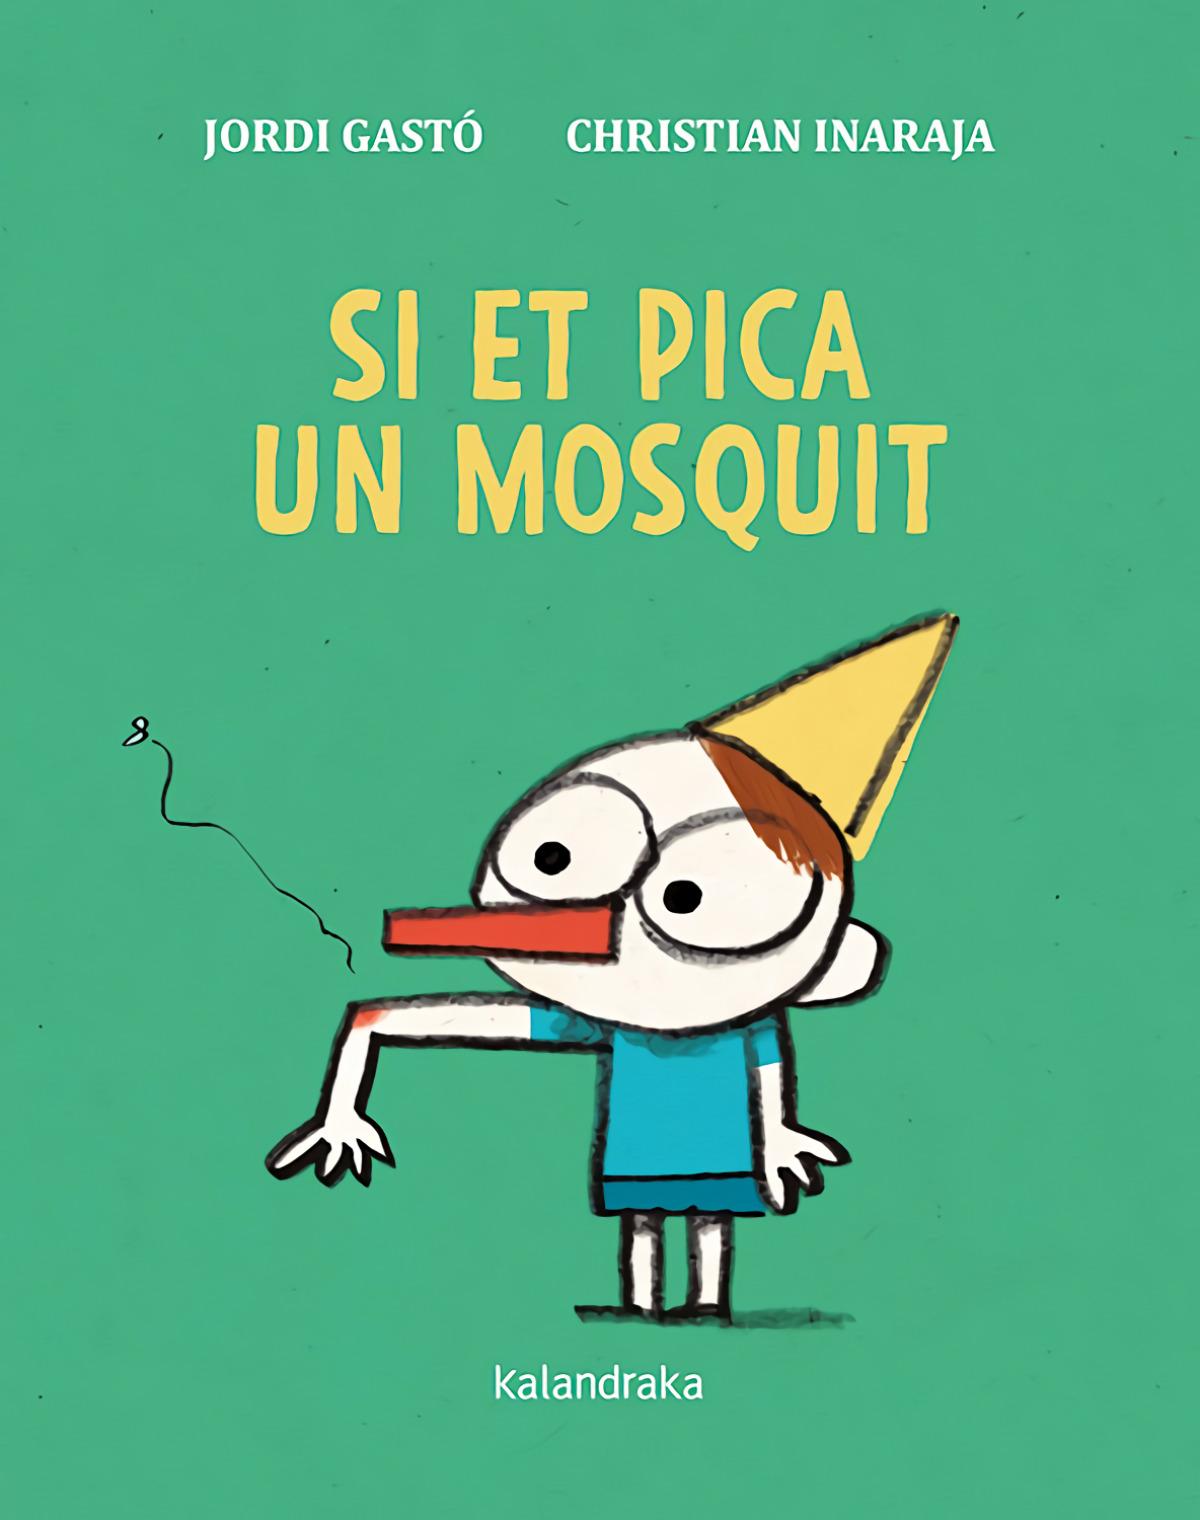 Si et pica un mosquit